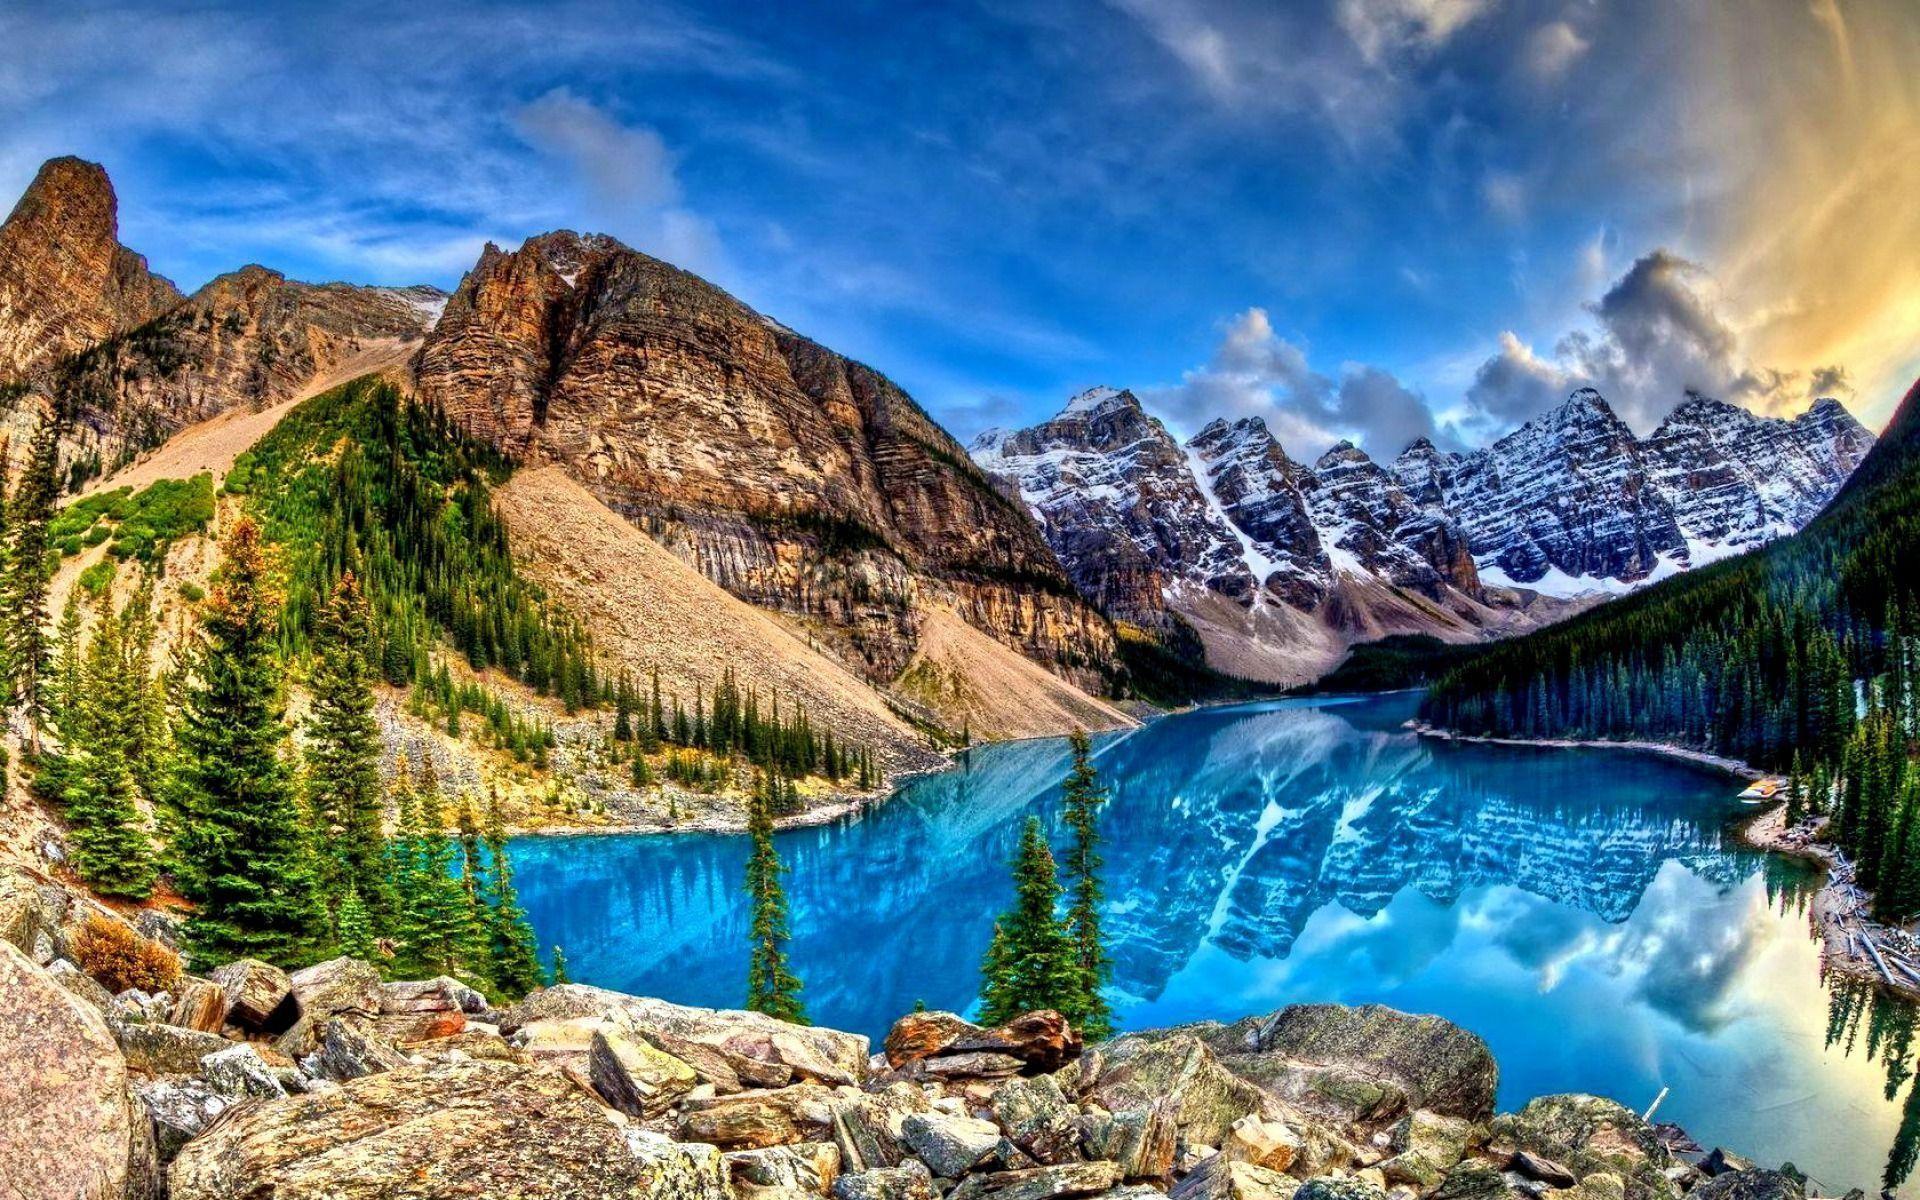 Amazing blue lake reflecting the mountains